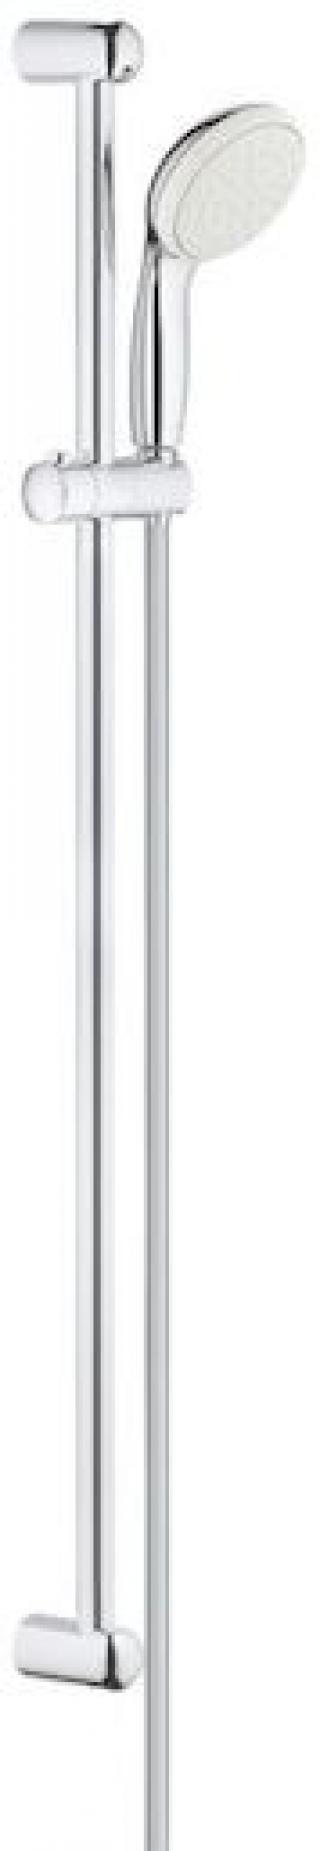 Sprchový set Grohe New Tempesta Classic chrom 27925001 chrom chrom